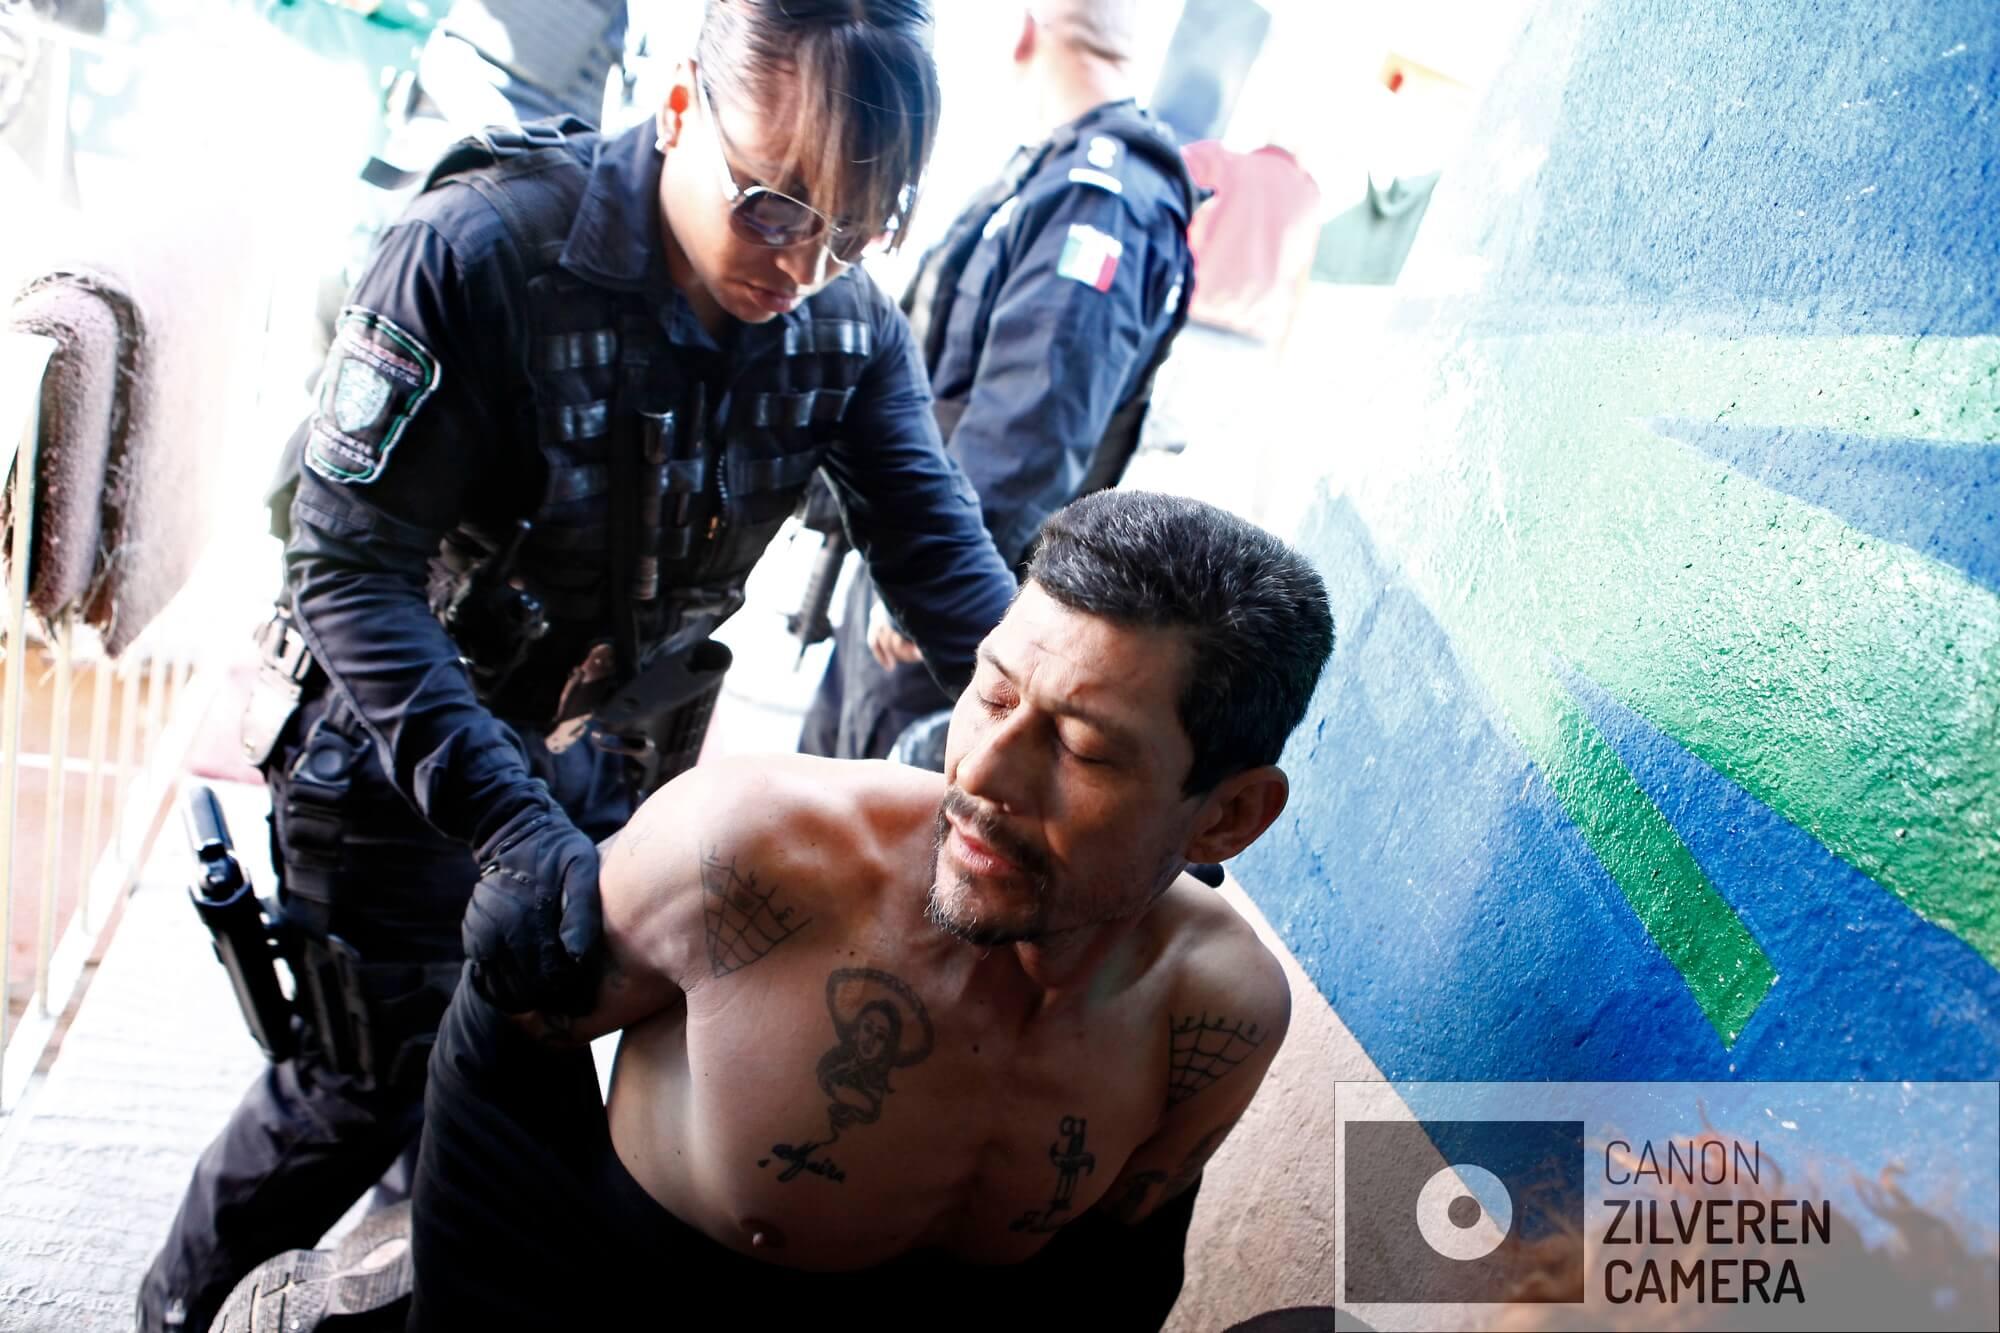 In een drugspand wordt een vermeend cartel-lid opgepakt.